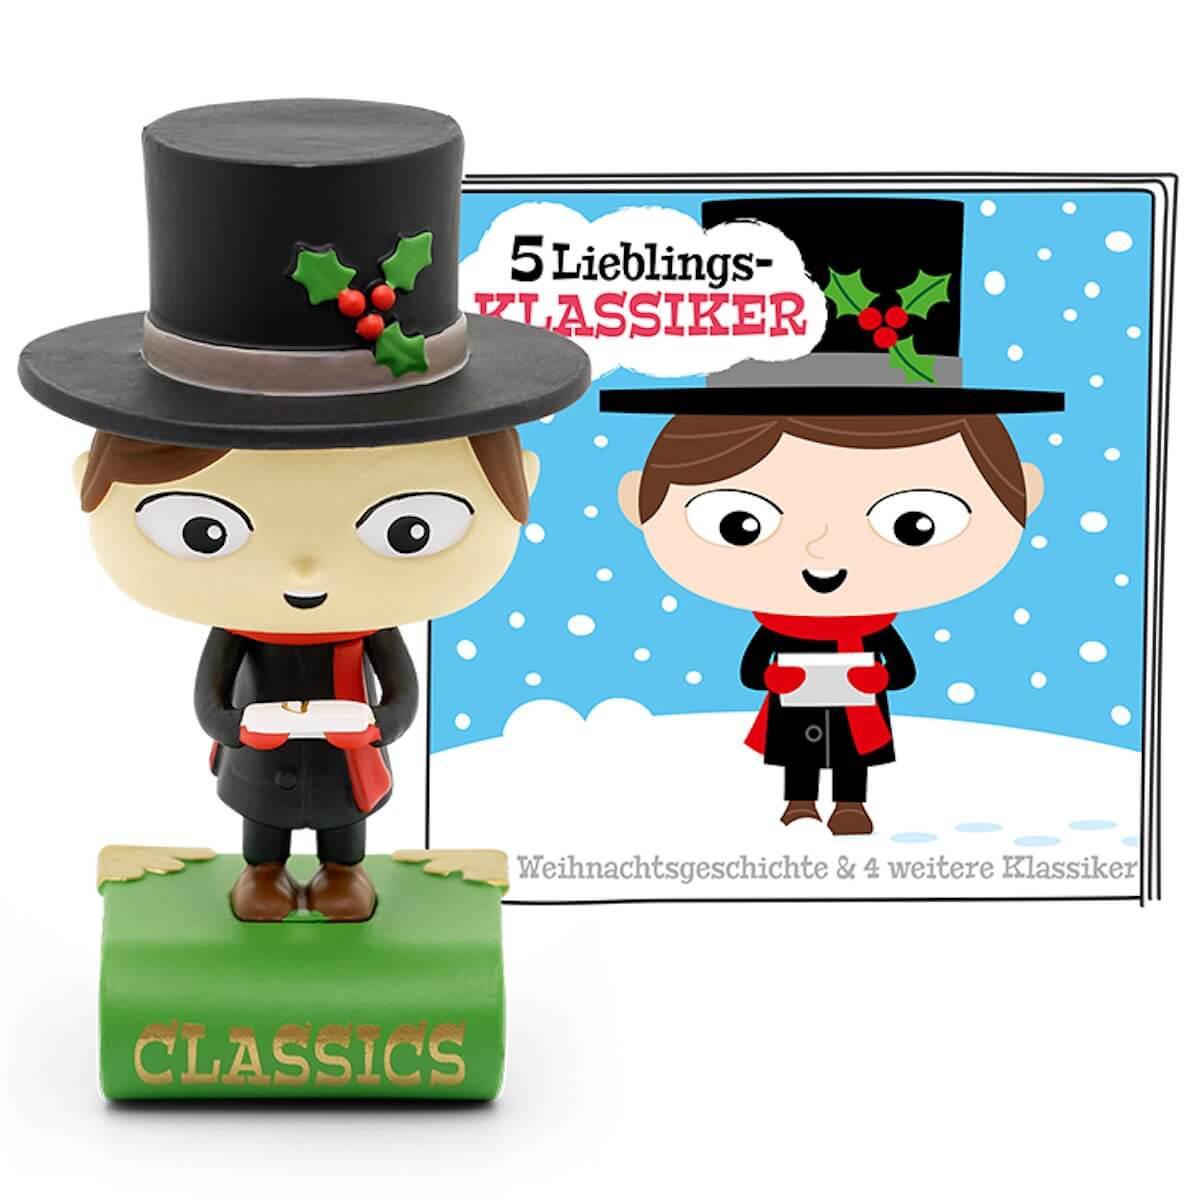 Hörspielfigur TONIES 5 Lieblings-Klassiker Eine Weihnachtsgeschichte und vier weitere Klassiker